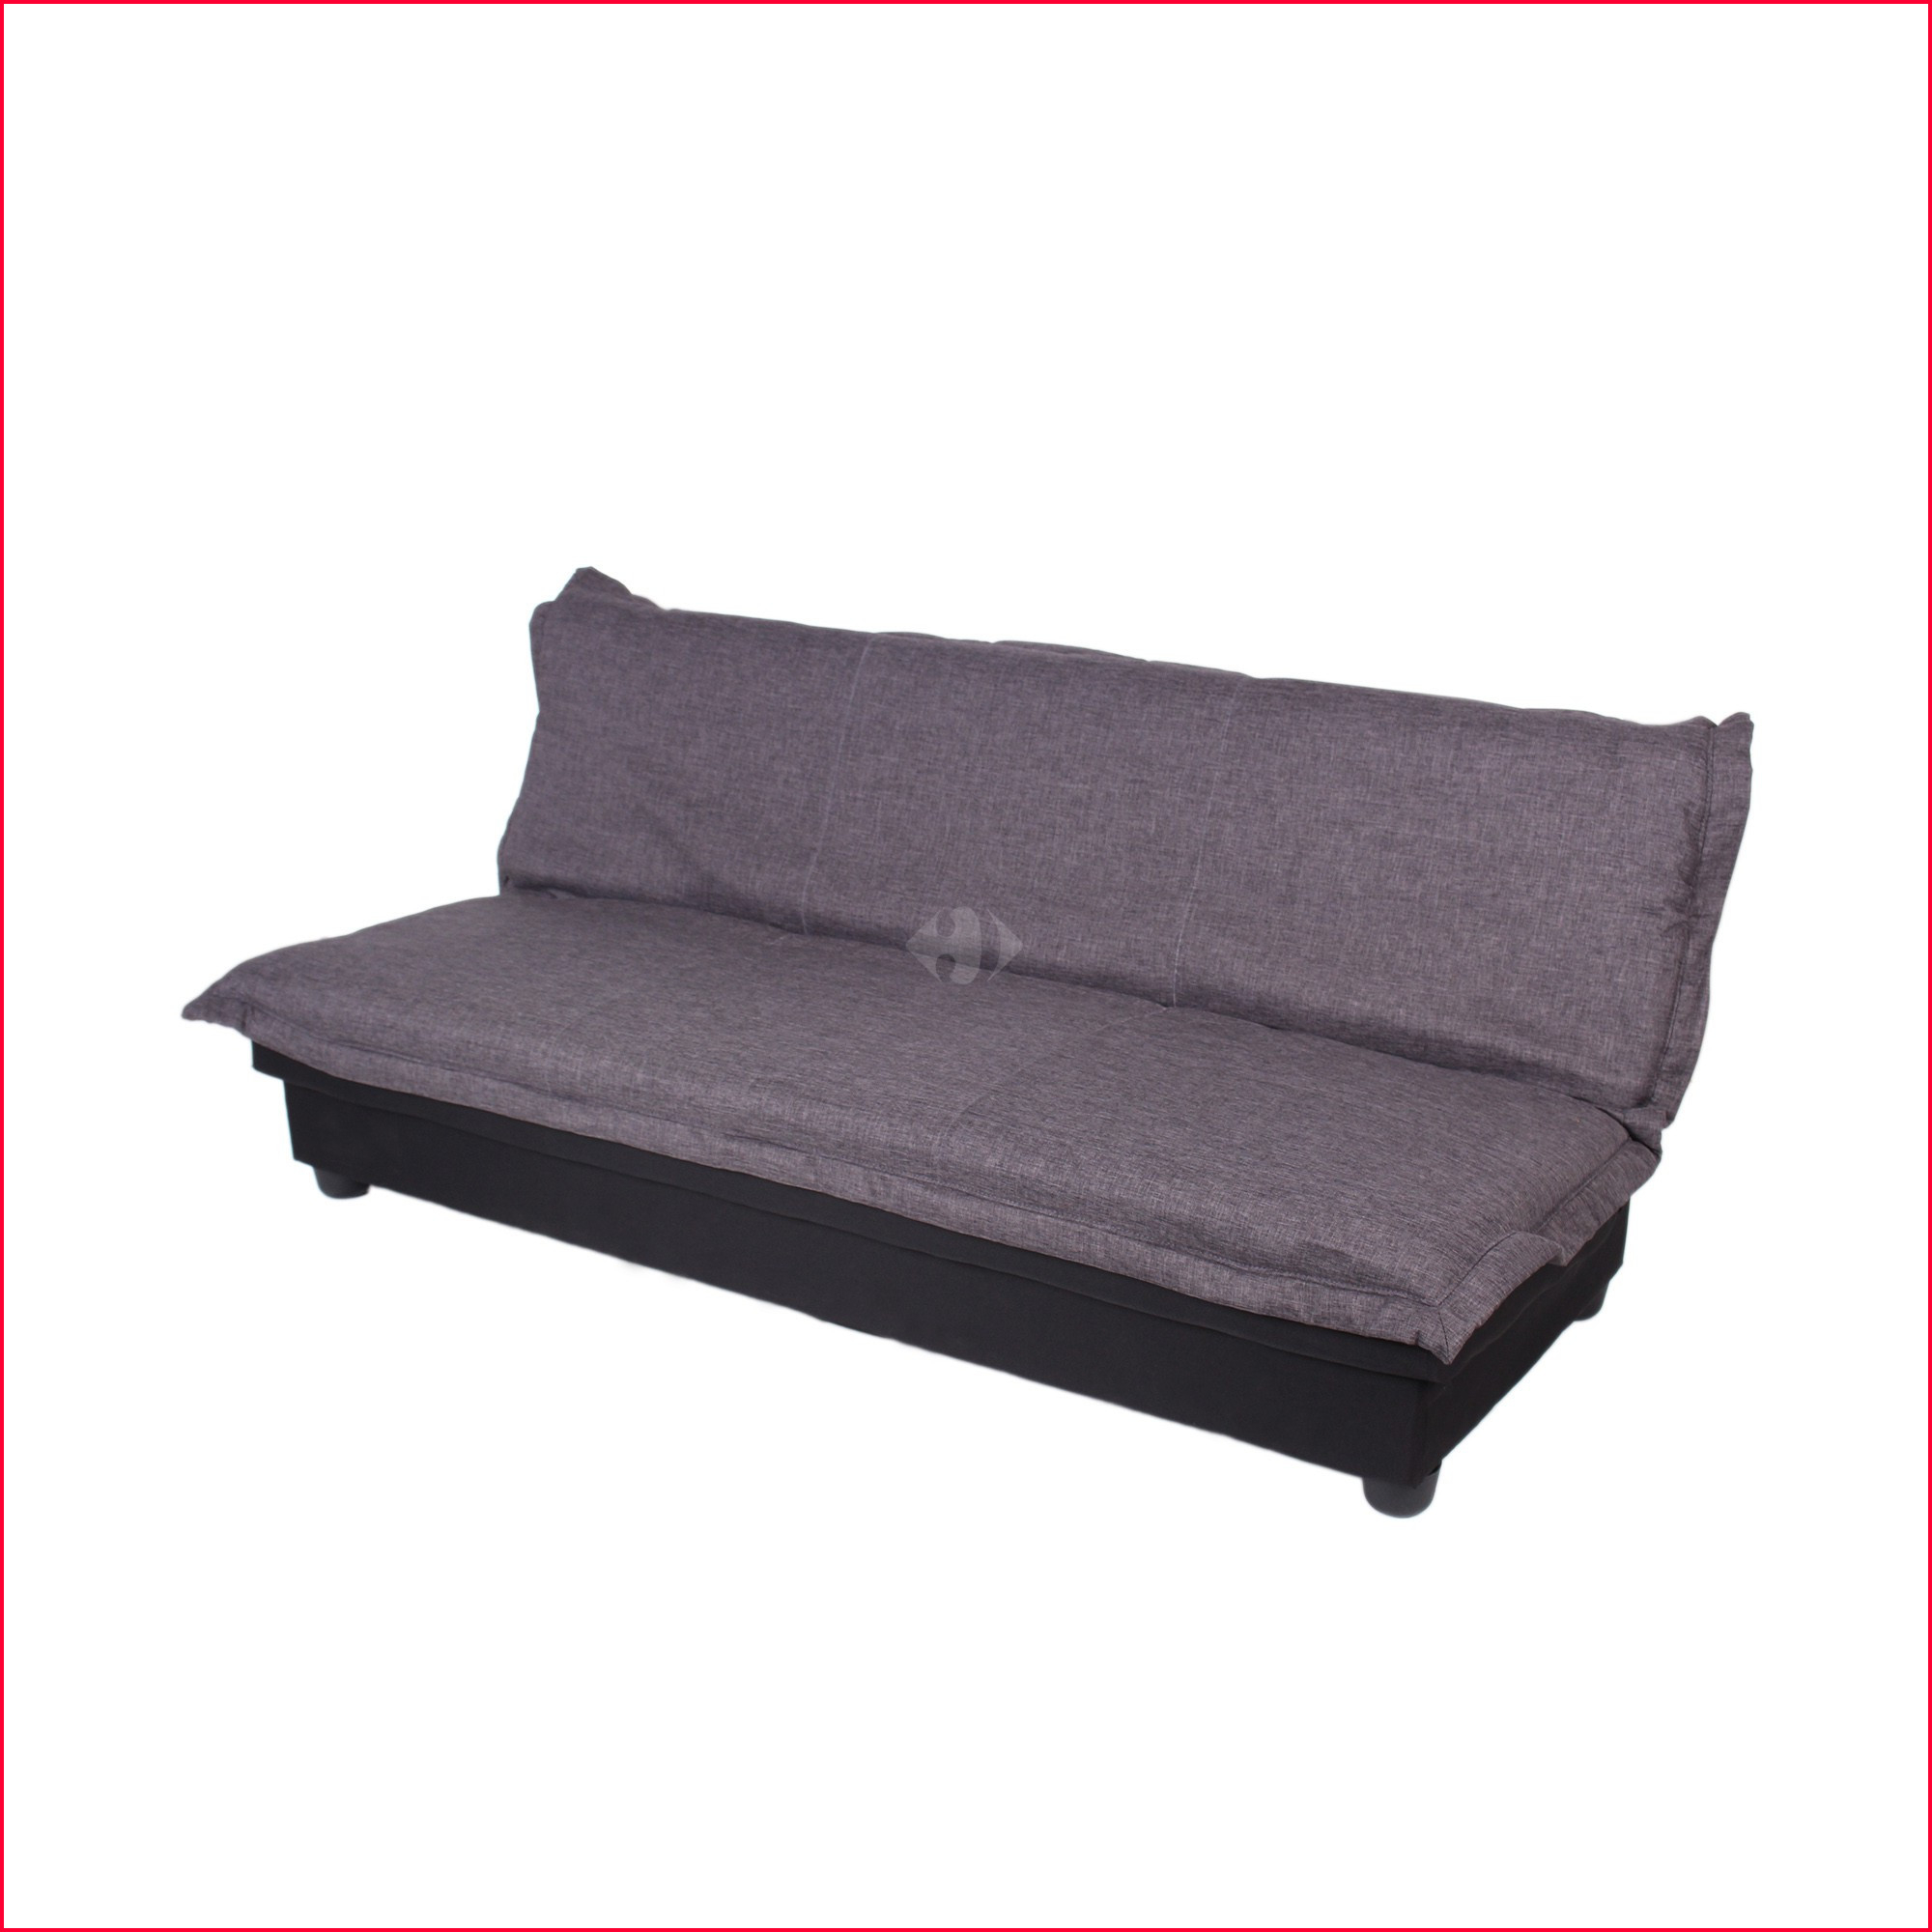 Carrefour sofas Cama 3ldq Elegante sofa Cama Carrefour Galerà A De Cama Decoracià N